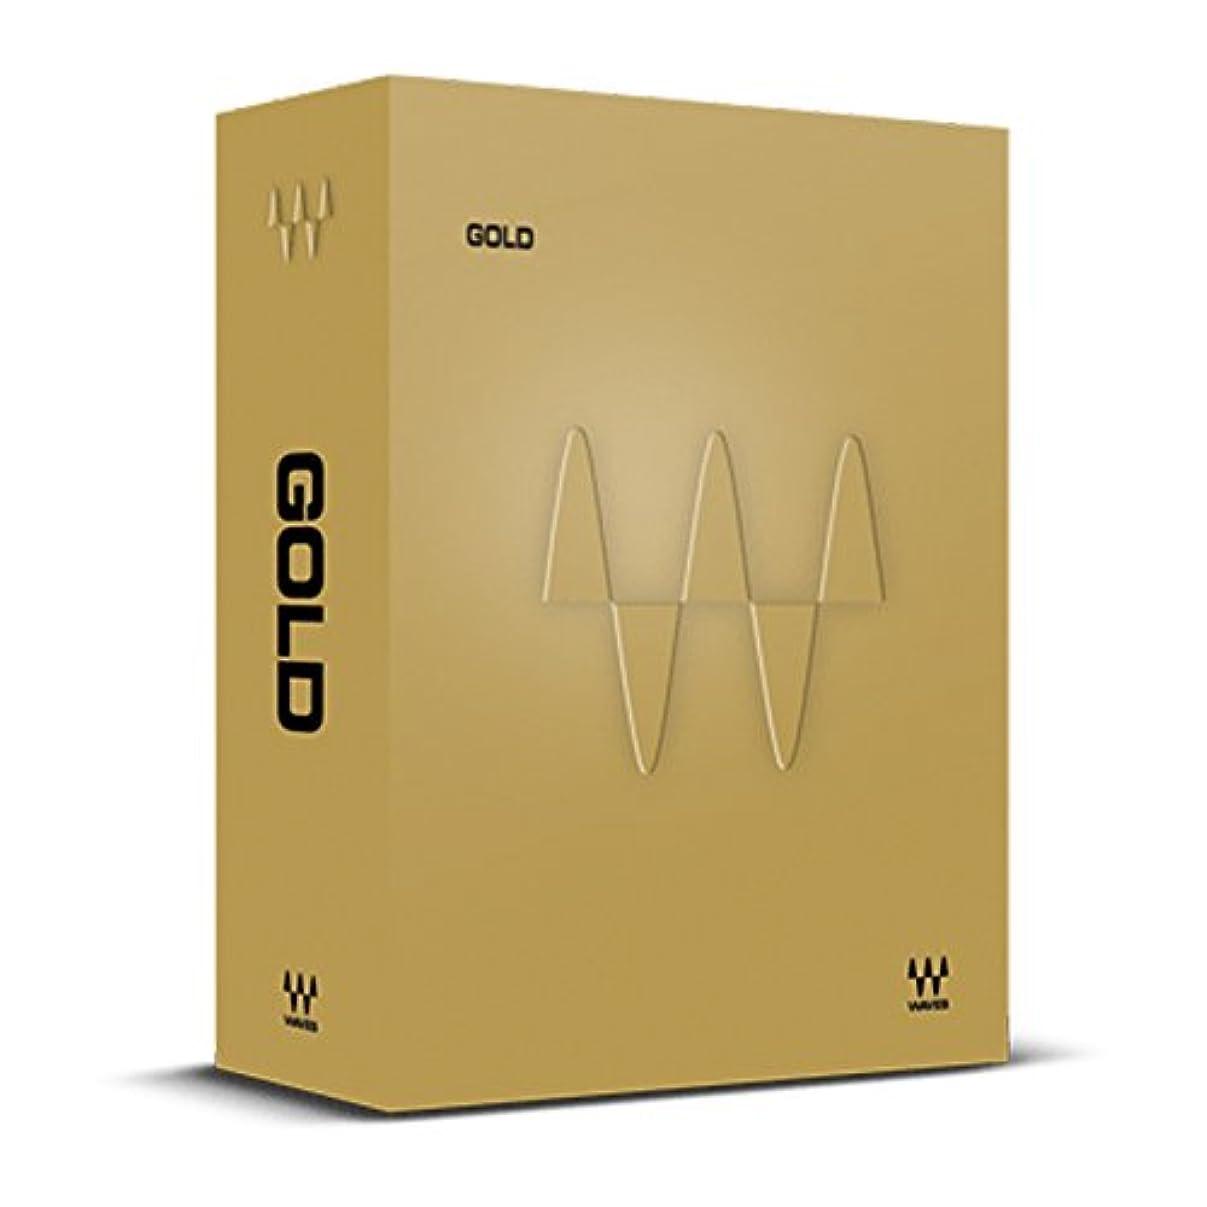 建設バンドル仕事波ゴールド  over 35オーディオプラグインソフトウェアダウンロードのみ